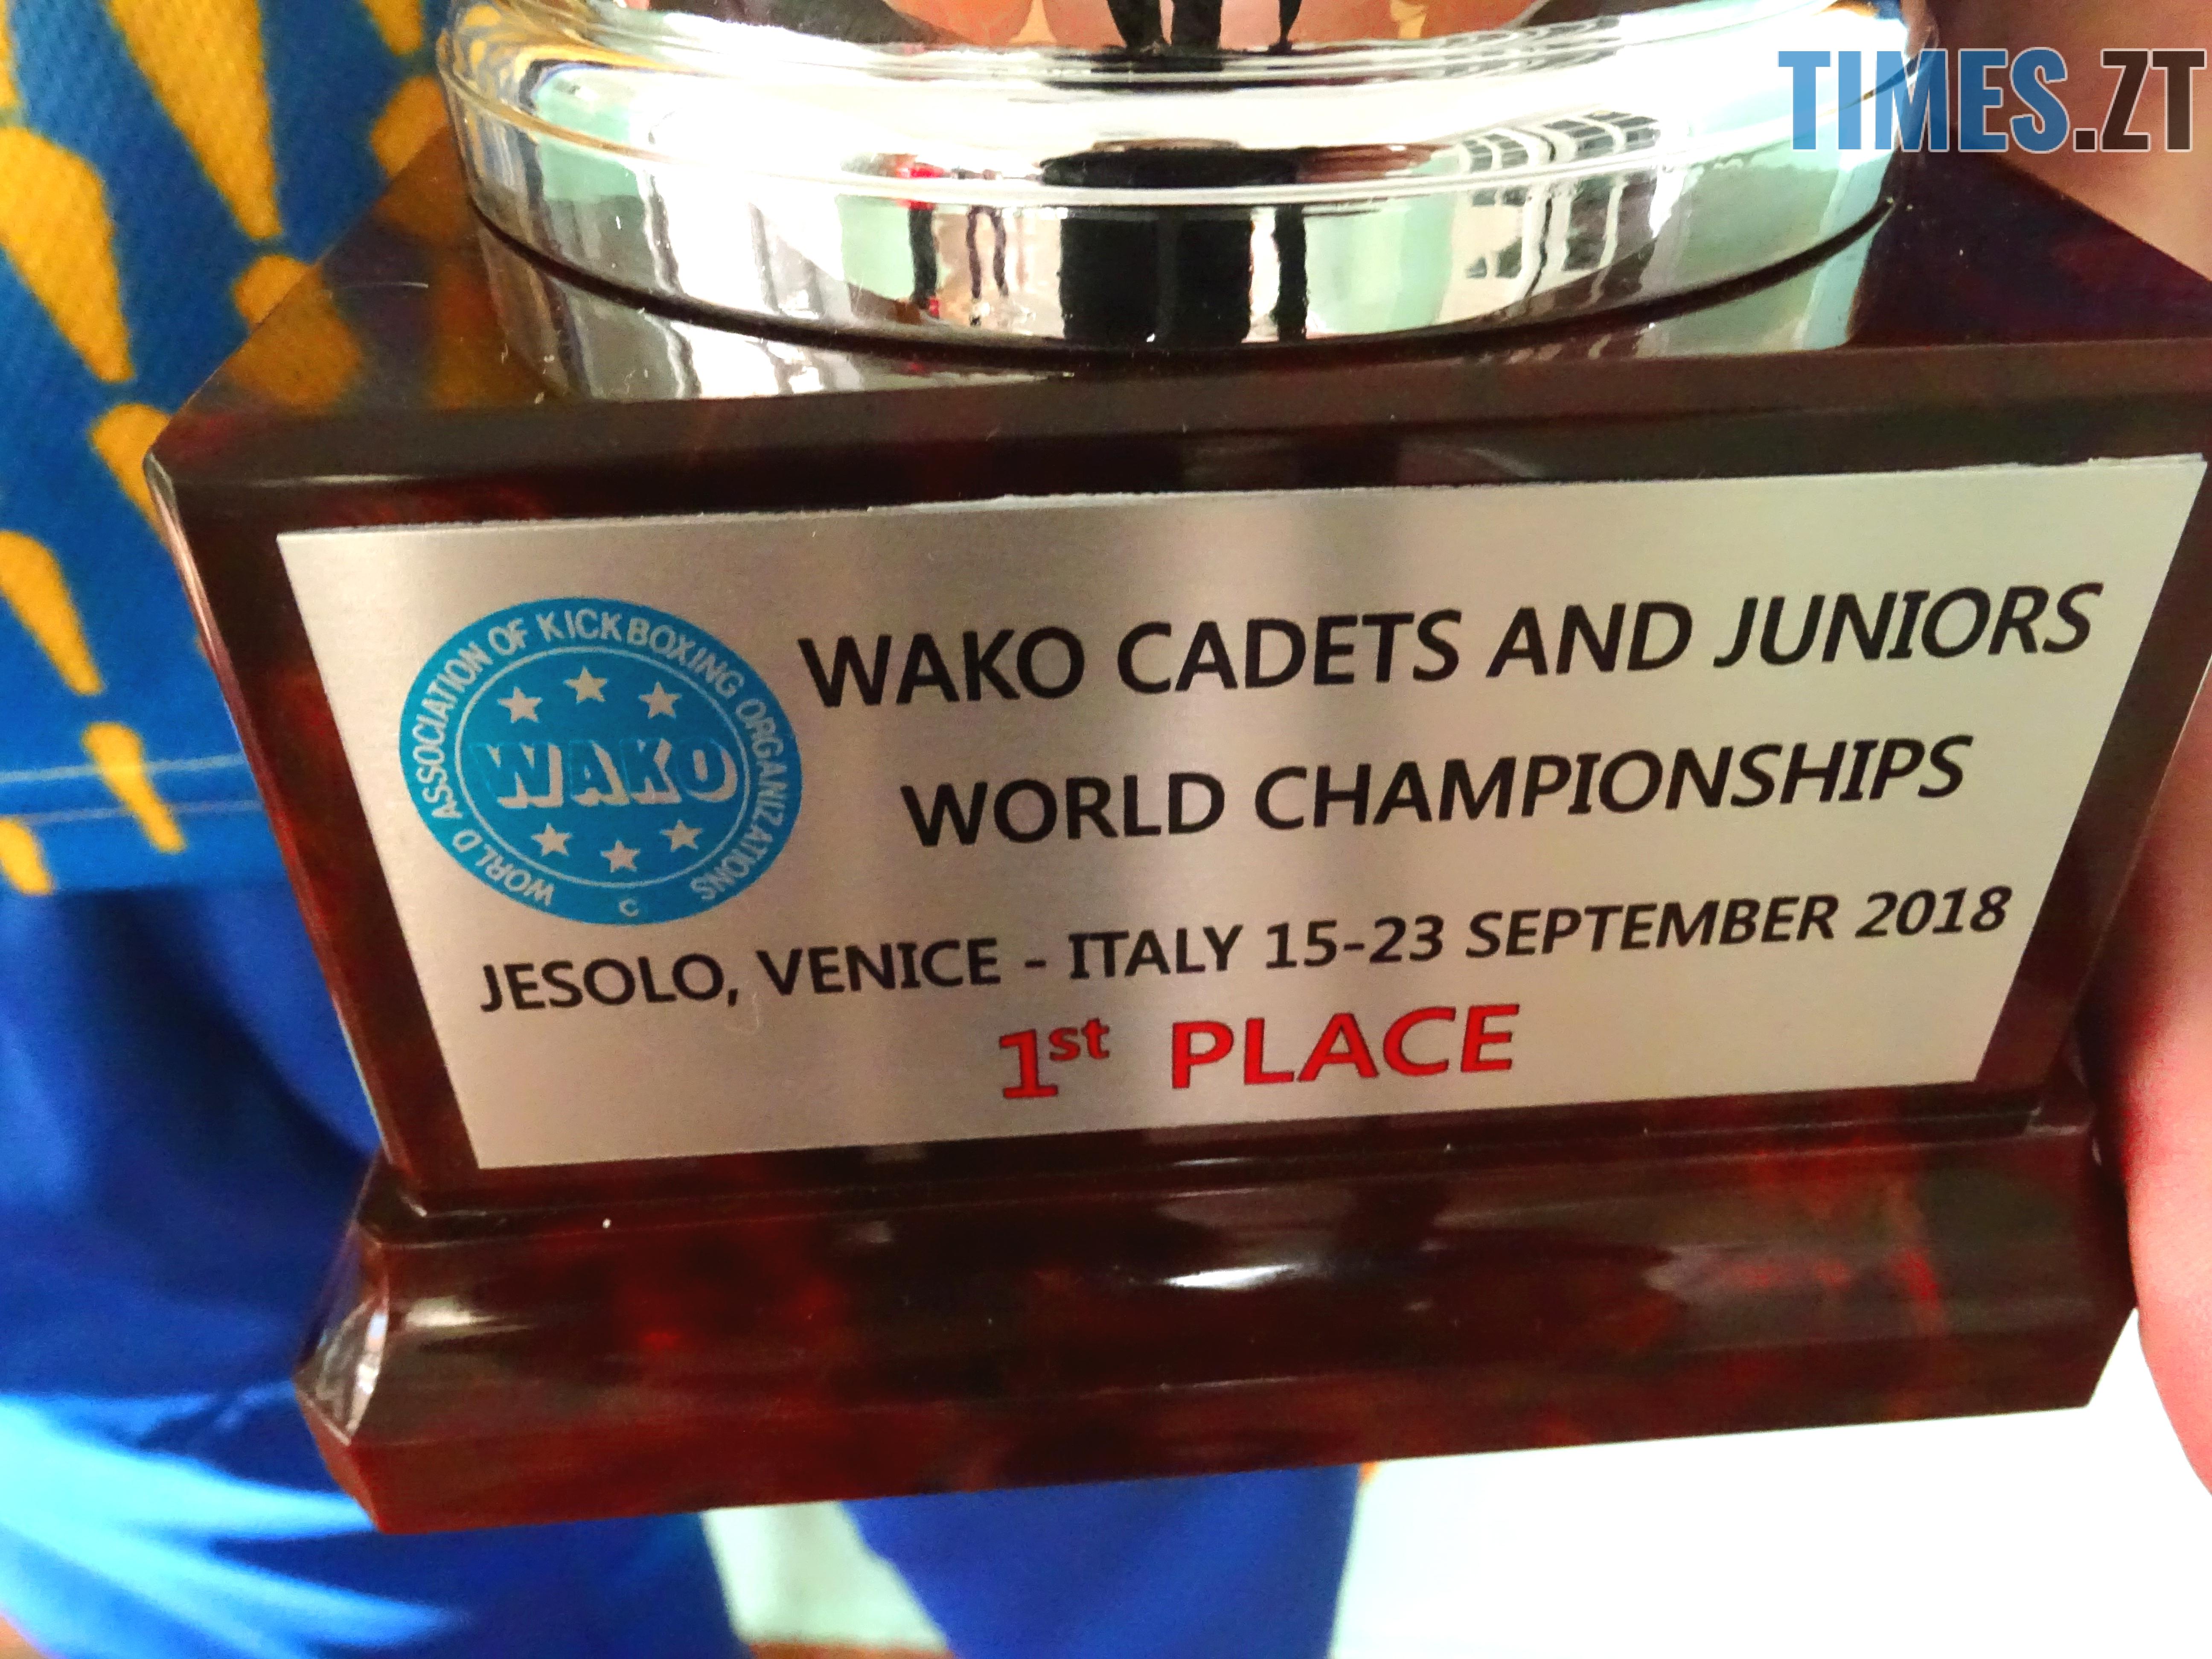 DSC02026 - Як одноклубники зустріли житомирського кікбоксера Артема Мельника, який став чемпіоном світу-2018 WAKO серед молоді (ФОТО)